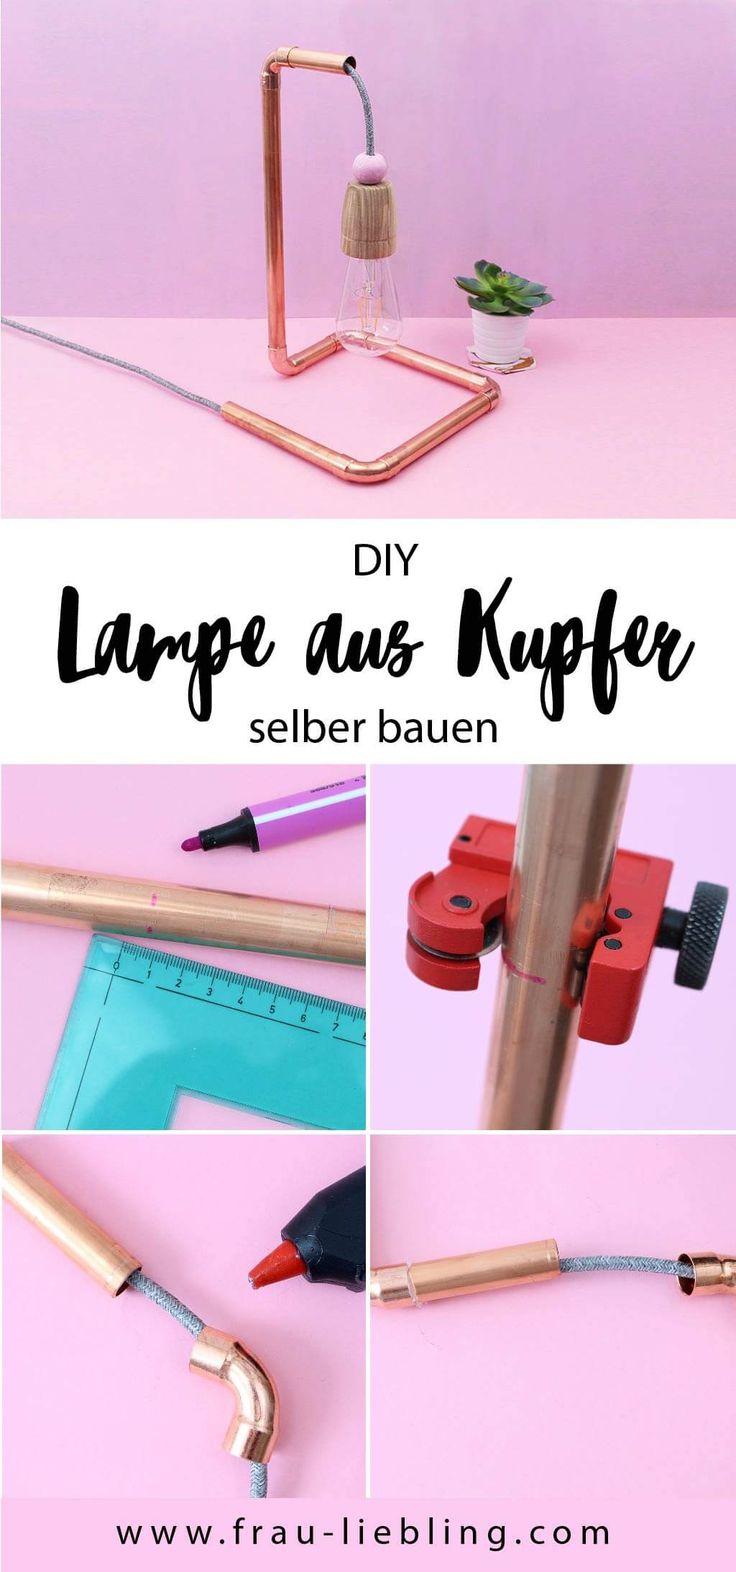 DIY Deko für dein Zuhause: So baust du eine stylische Lampe aus Kupferrohr und Textilkabel ganz einfach selber.